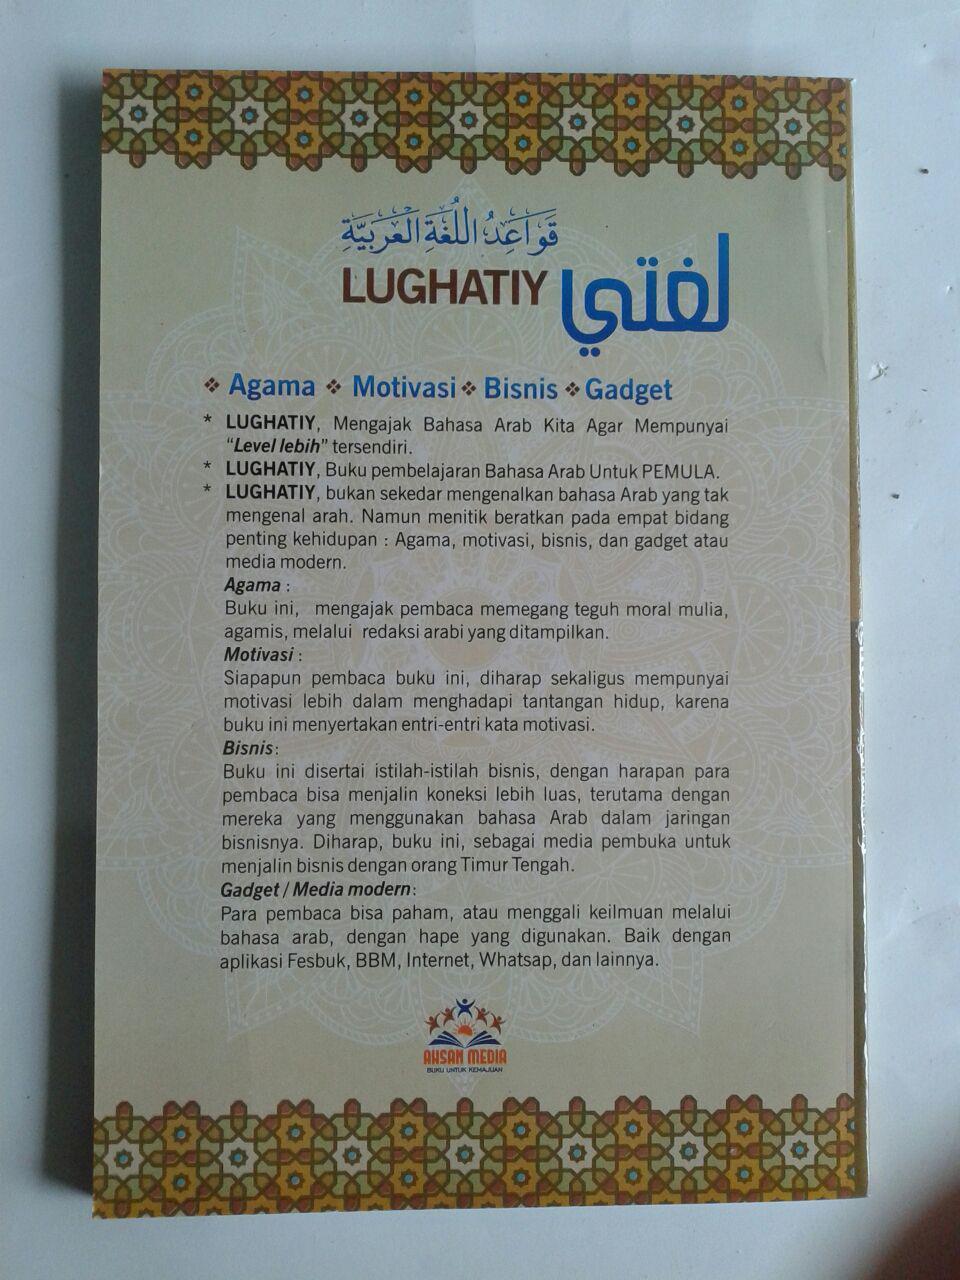 Buku Jurus Taktis Menguasai Bahasa Arab Untuk Pemula cover